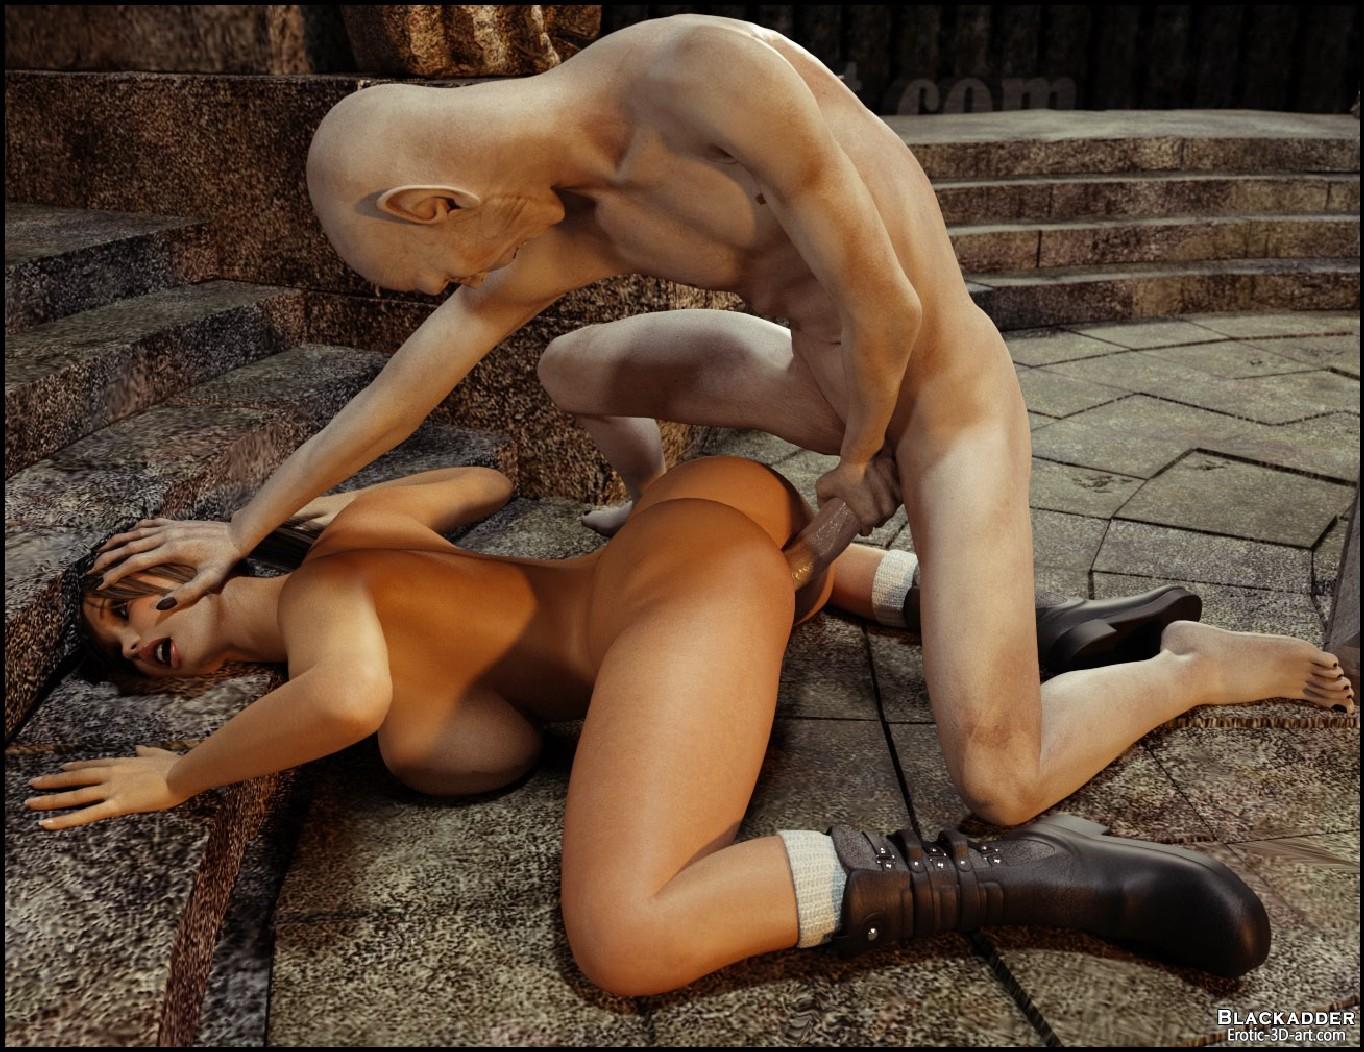 Смотреть новинки 3д порно с монстрами, Порно с монстрами, монстры и чудовища порно 8 фотография